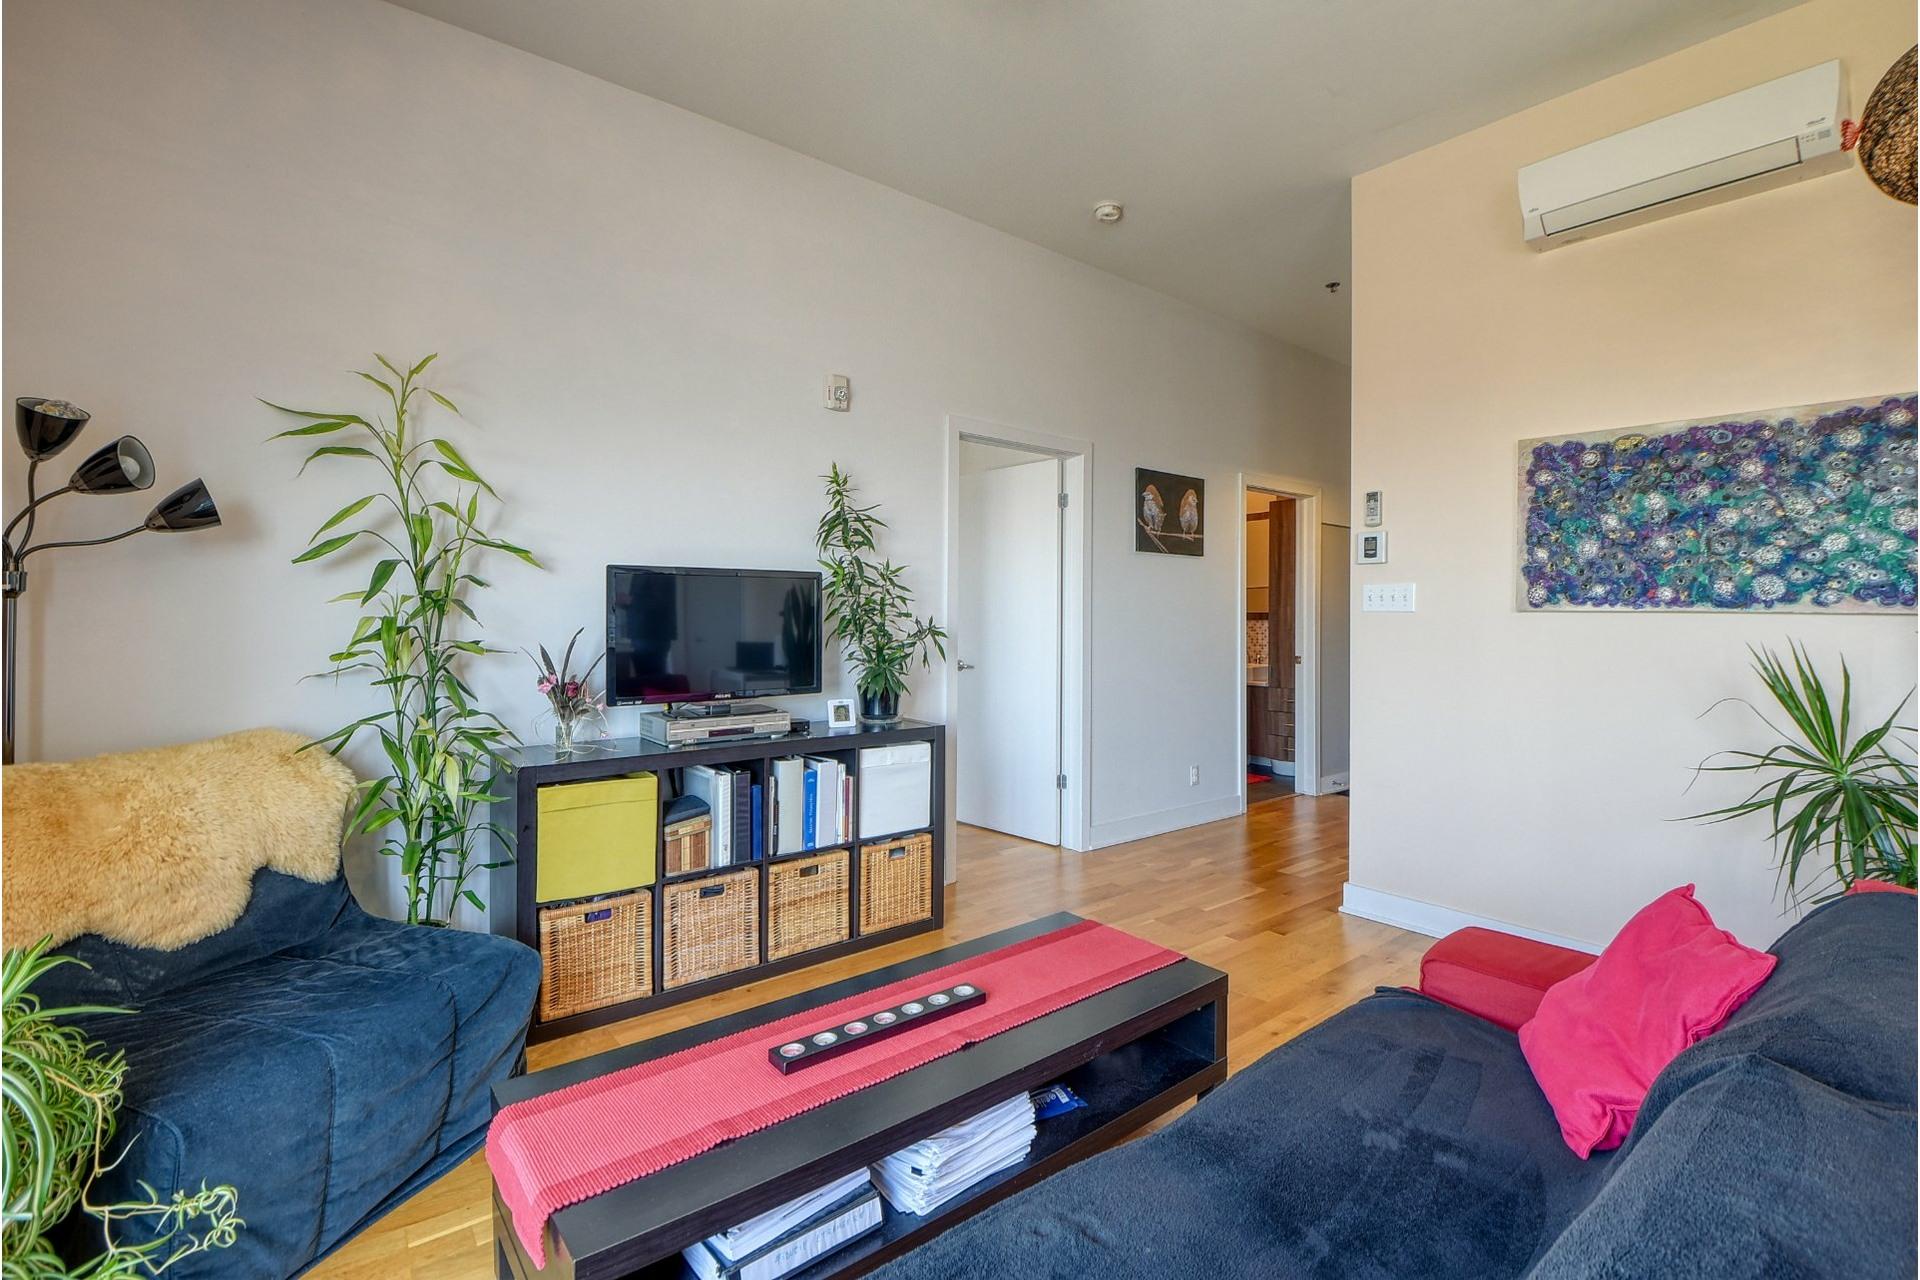 image 4 - Appartement À vendre Lachine Montréal  - 6 pièces